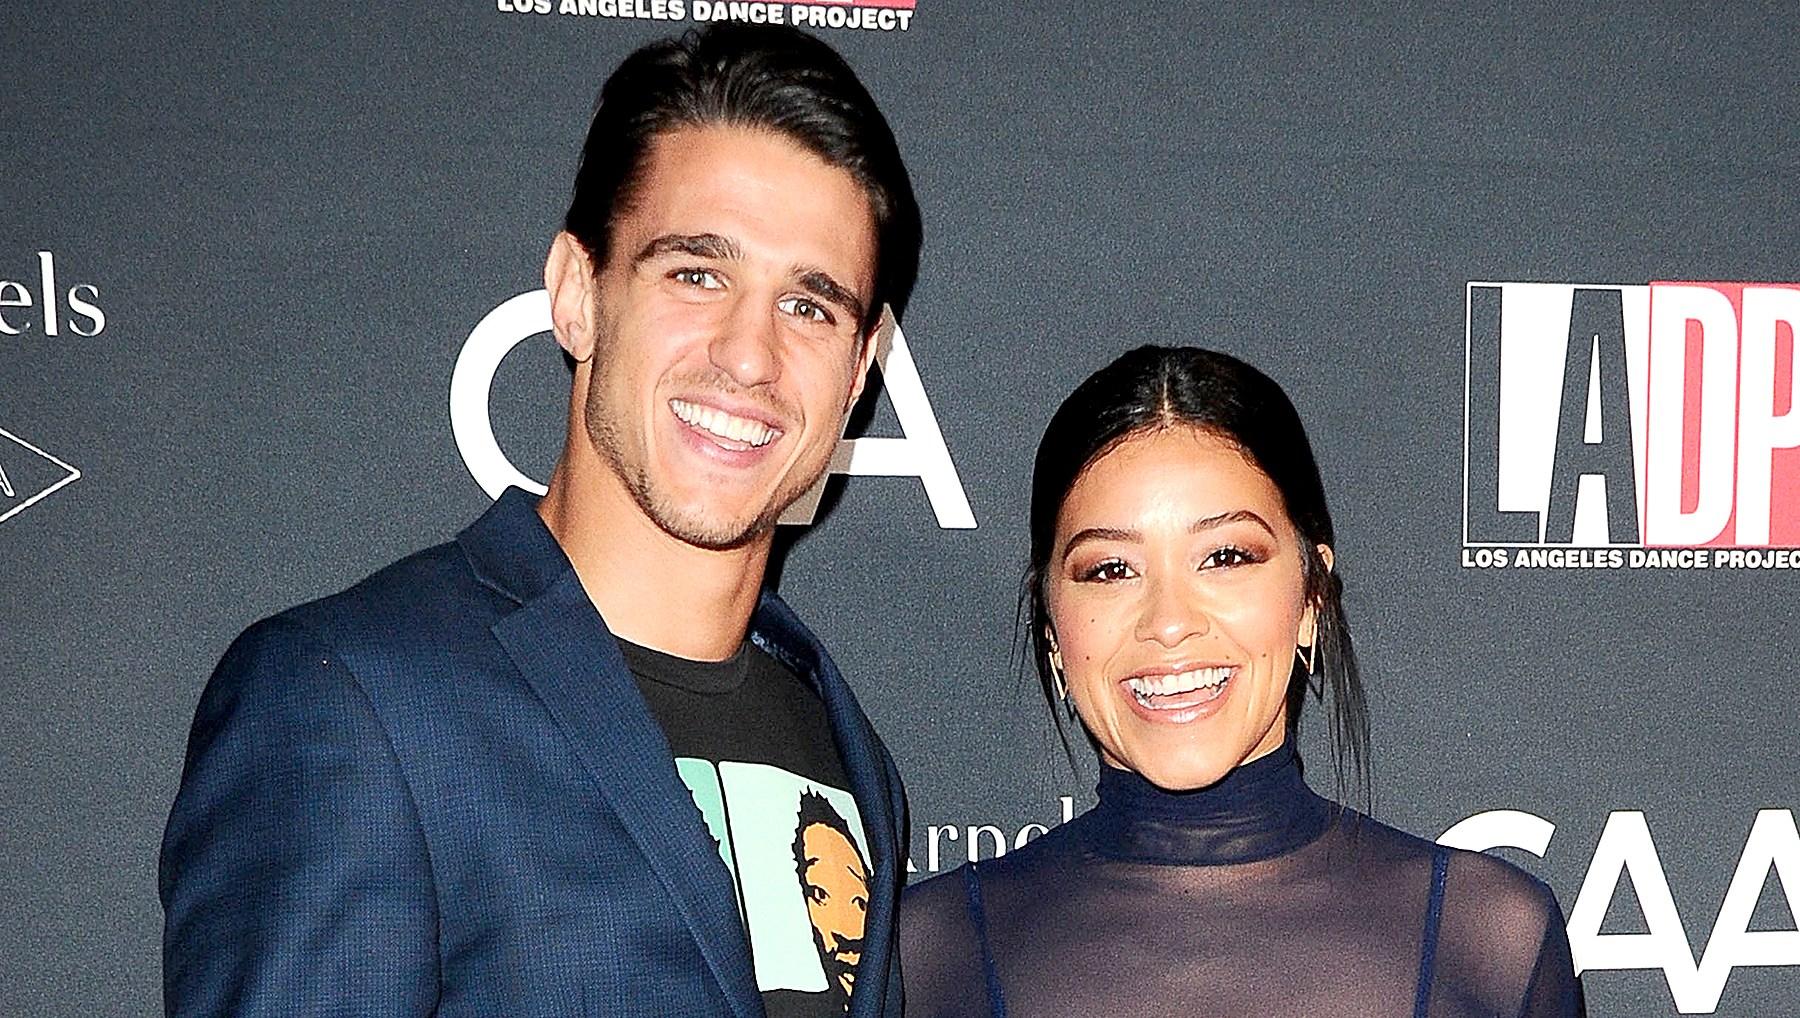 Gina-Rodriguez-Confirms-Engagement-to-Joe-LoCicero